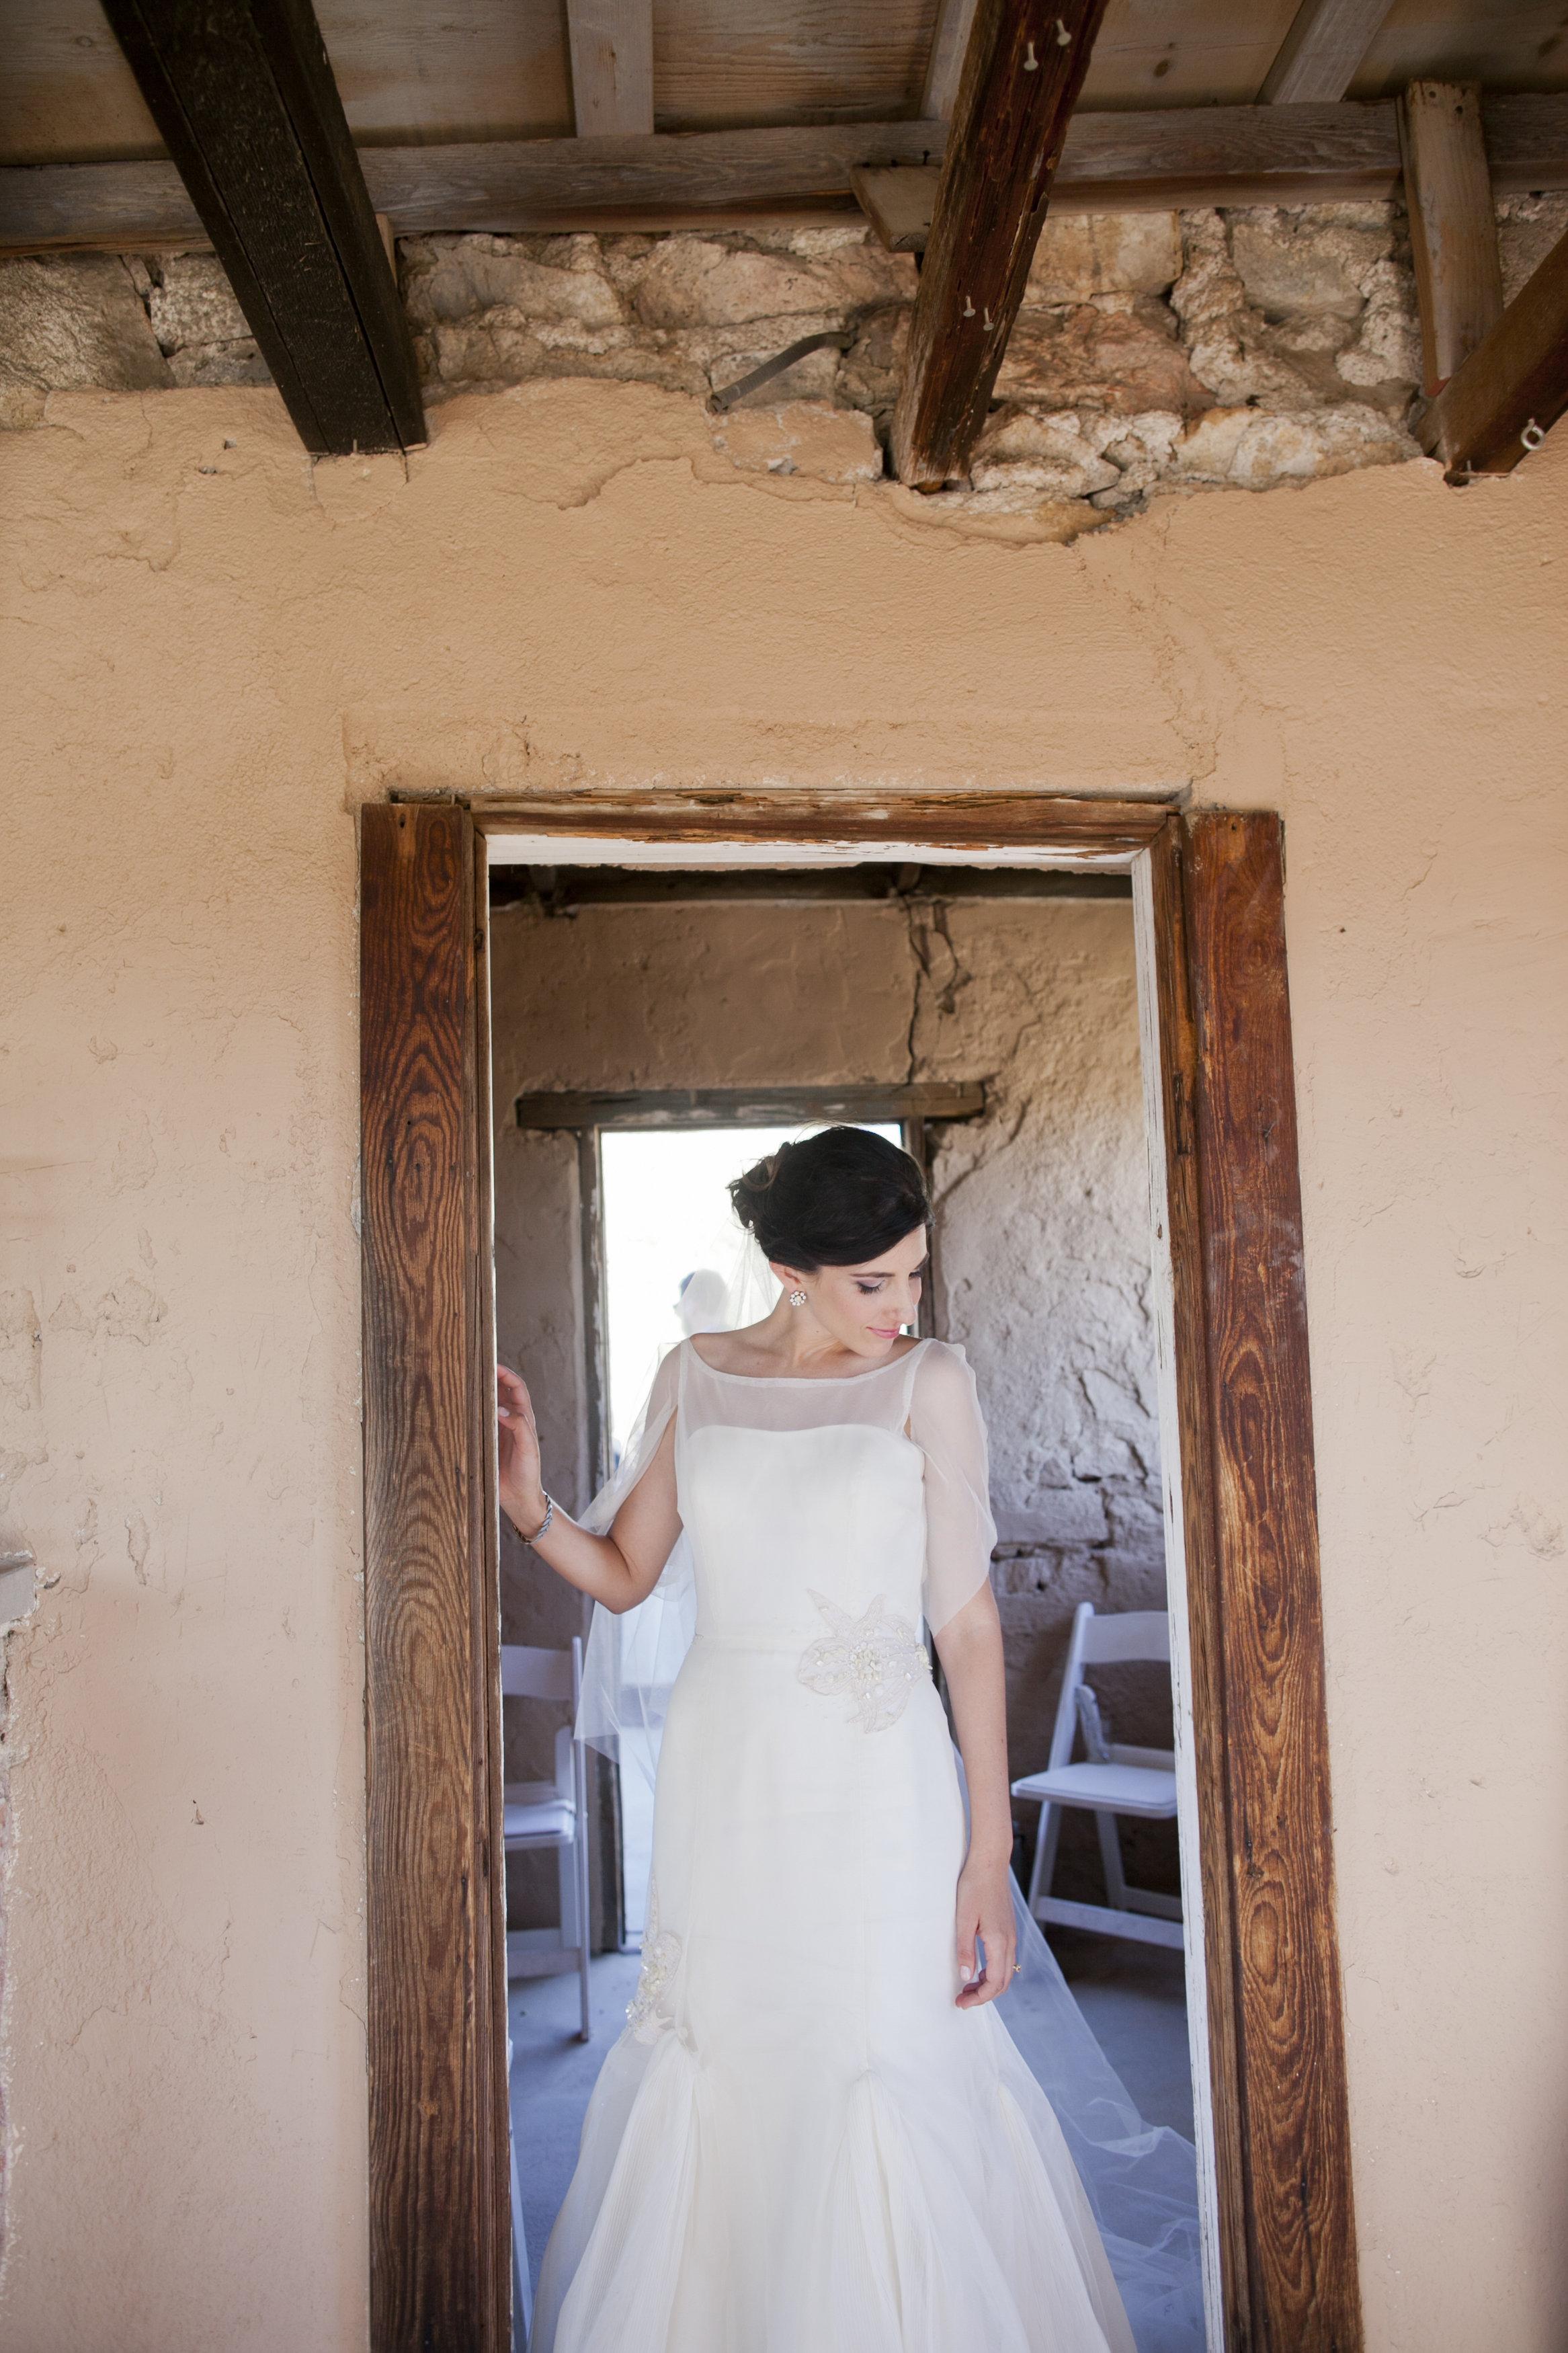 Ceci_New_York_Ceci_Style_Ceci_Johnson_Luxury_Lifestyle_Arizona_Wedding_Watercolor_Inspiration_Design_Custom_Couture_Personalized_Invitations_108.jpg